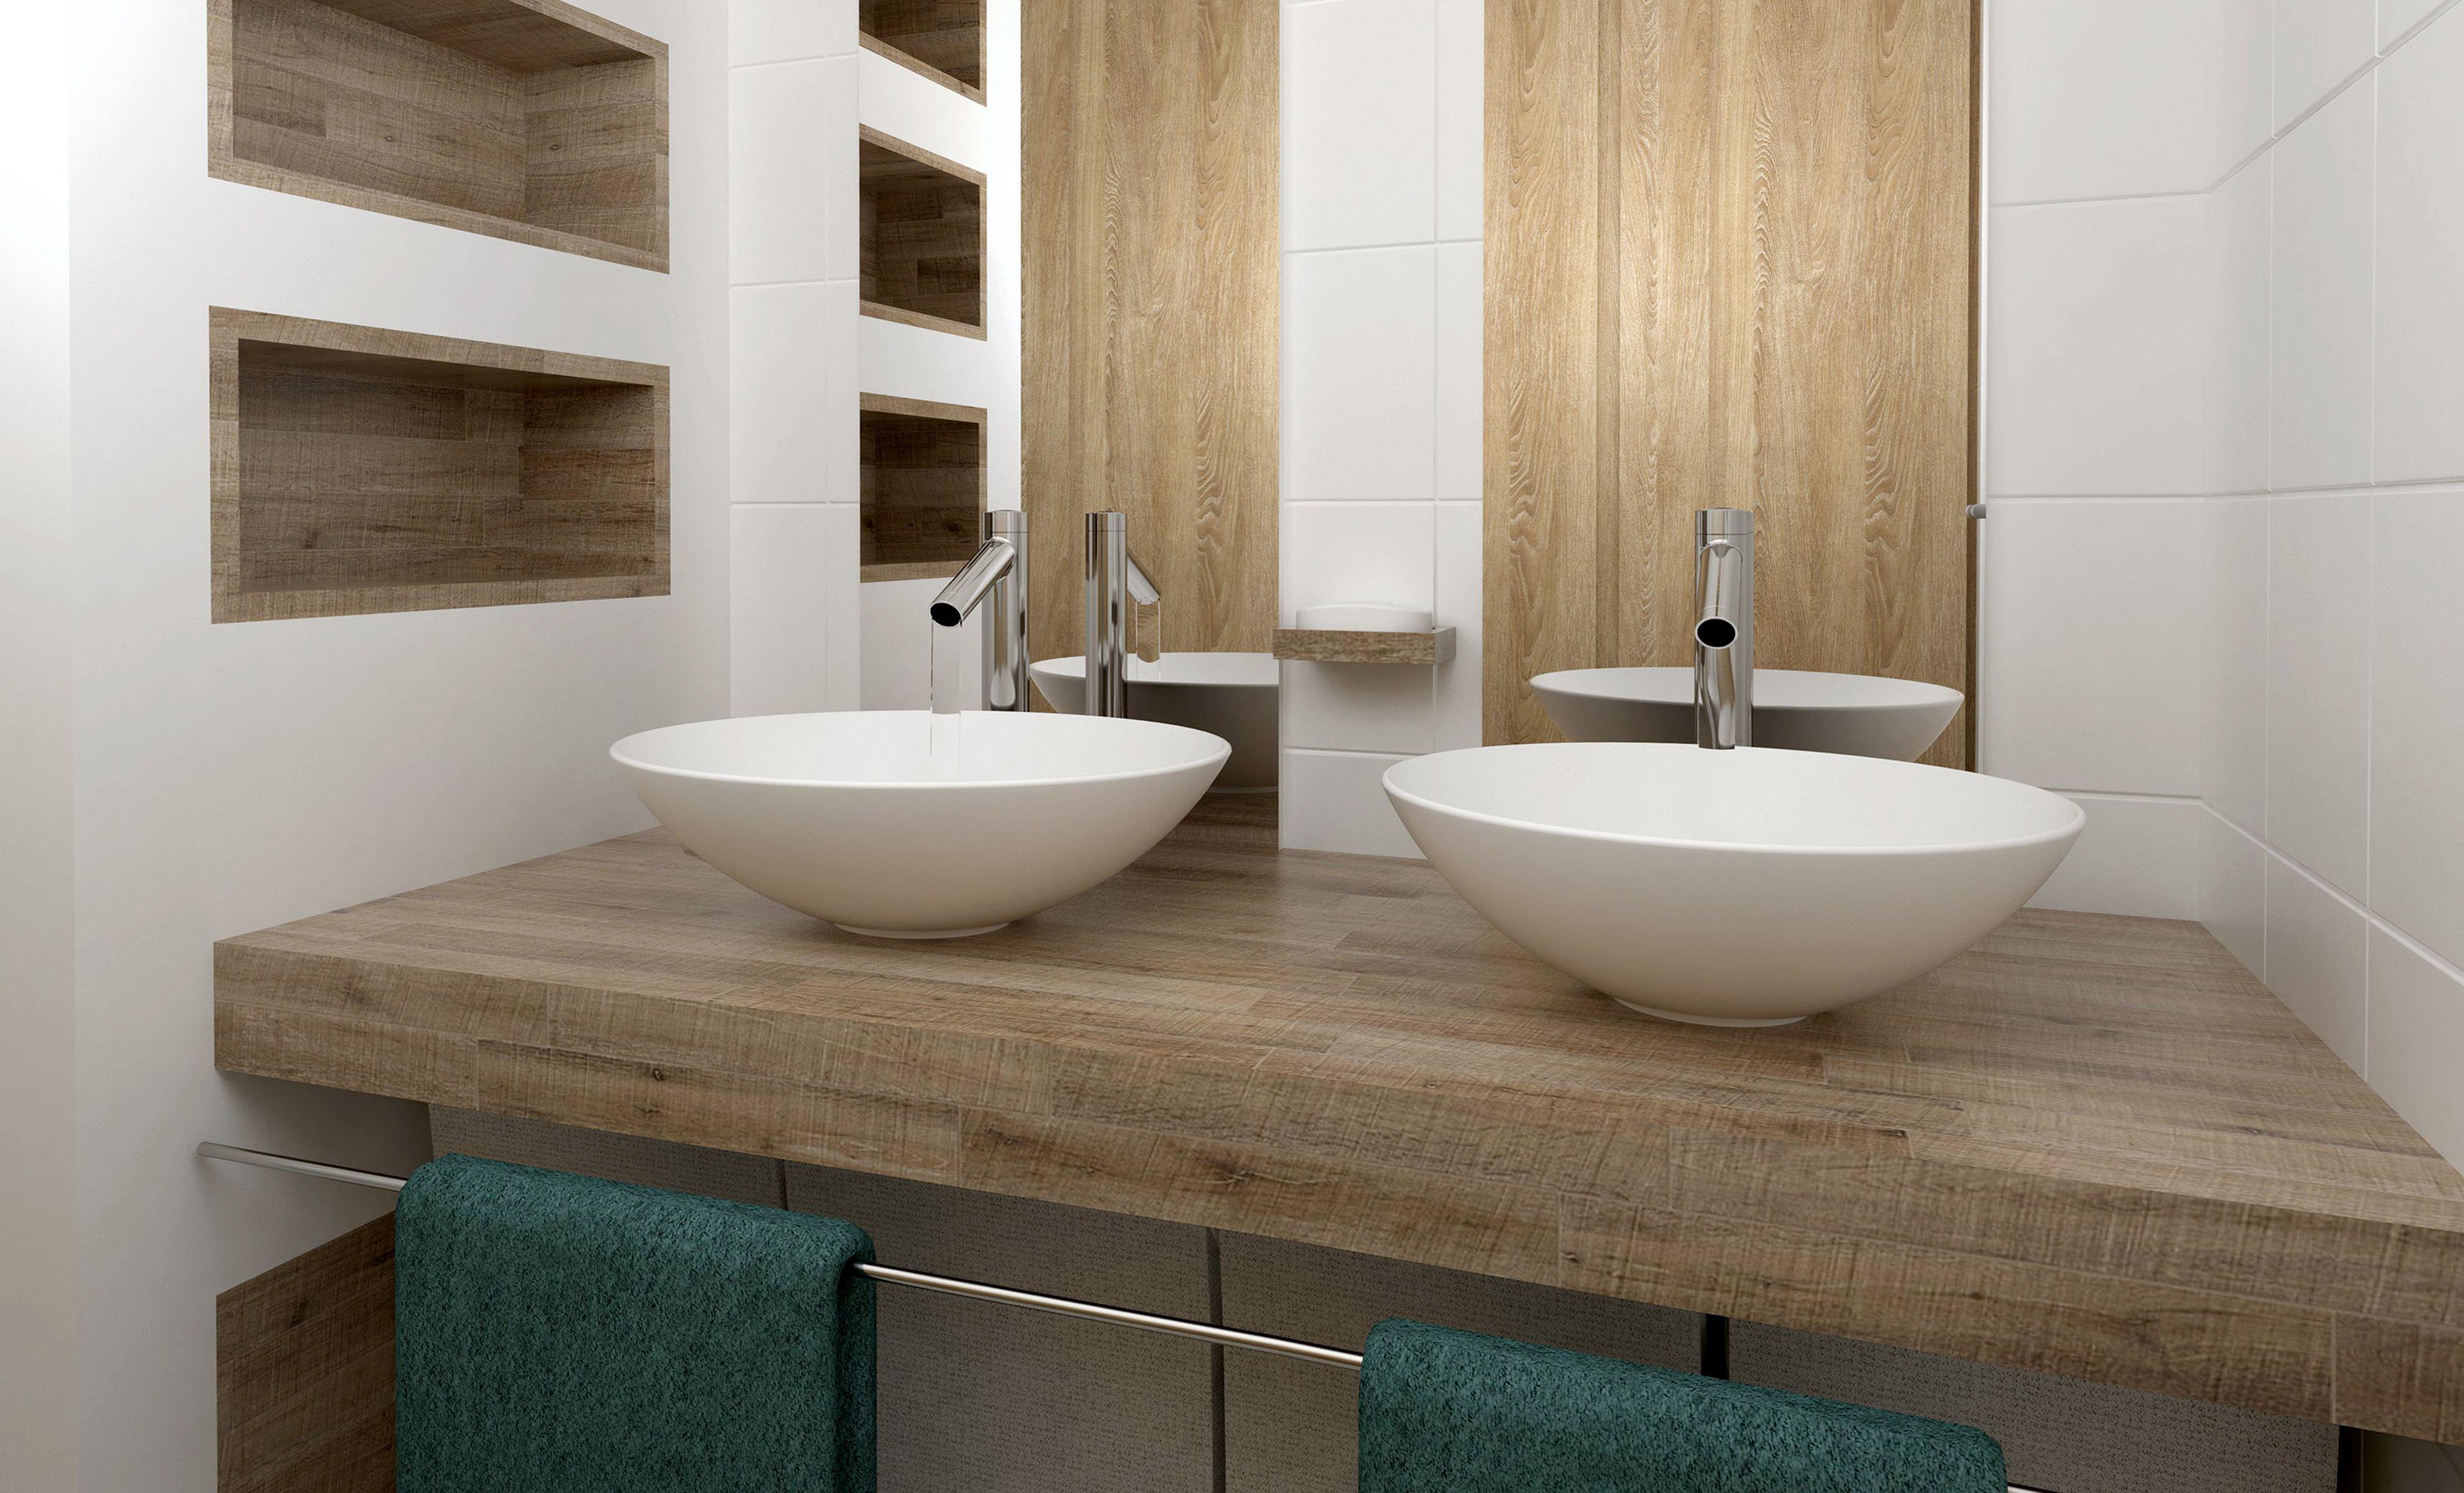 Une rénovation salle de bain intégrale qui donne de la fraîcheur et ...